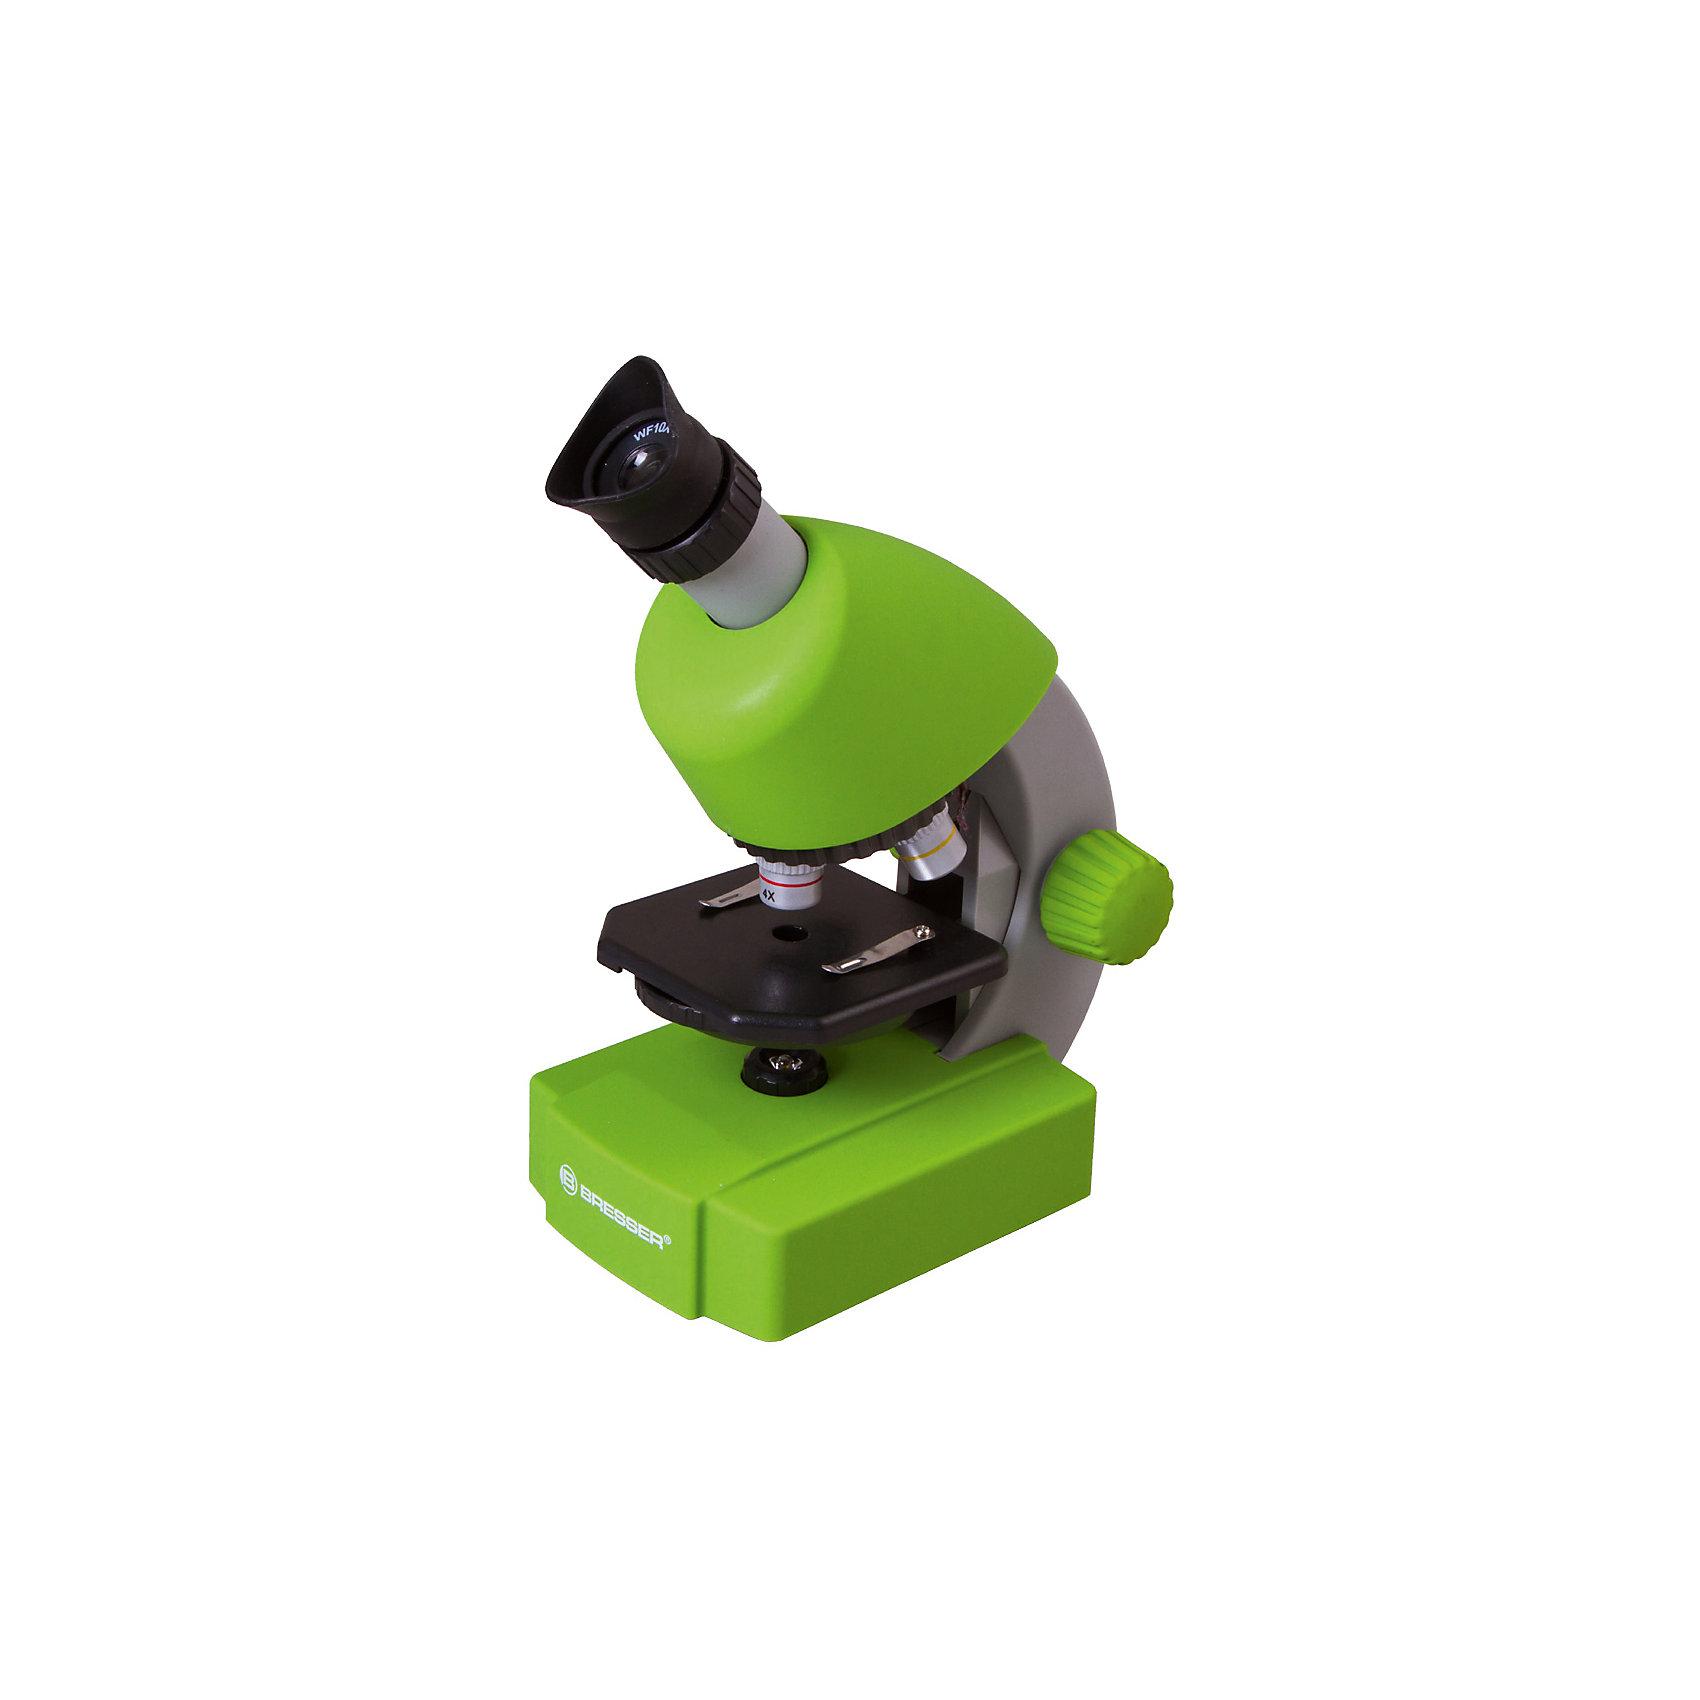 Микроскоп Bresser Junior 40x-640x, зеленыйМикроскопы<br>Характеристики товара:<br><br>• материал: металл, пластик<br>• увеличение: до 640 крат<br>• объективы: 4х, 10х, 40х<br>• подсветка: светодиодная<br>• подсветка работает от батареек 3хАА<br>• вес: 0,556 кг<br>• размер: 22х16х10 см<br>• комплектация: микроскоп, окуляр WF10x–WF16, объективы, набор для опытов, готовые препараты<br>• страна бренда: Германия<br><br>В этом наборе есть всё необходимое, чтобы приступить к опытам немедленно! Собственный микроскоп - это отличный способ заинтересовать ребенка наукой и привить ему интерес к учебе. Эта модель микроскопа была разработана специально для детей - он позволяет увеличивать препарат в 640 крат, с помощью этого дети могут исследовать состав и структуру разнообразных предметов, веществ и организмов. Благодаря стильному дизайну этот микроскоп отлично вписывается в интерьер!<br><br>Оптические приборы от немецкой компании Bresser уже успели зарекомендовать себя как качественная и надежная продукция. Для их производства используются только безопасные и проверенные материалы. Такой прибор способен прослужить долго. Подарите ребенку интересную и полезную вещь!<br><br>Микроскоп Bresser Junior 40x-640x, зеленый, от известного бренда Bresser (Брессер) можно купить в нашем интернет-магазине.<br><br>Ширина мм: 280<br>Глубина мм: 155<br>Высота мм: 170<br>Вес г: 860<br>Возраст от месяцев: 60<br>Возраст до месяцев: 2147483647<br>Пол: Унисекс<br>Возраст: Детский<br>SKU: 5435323